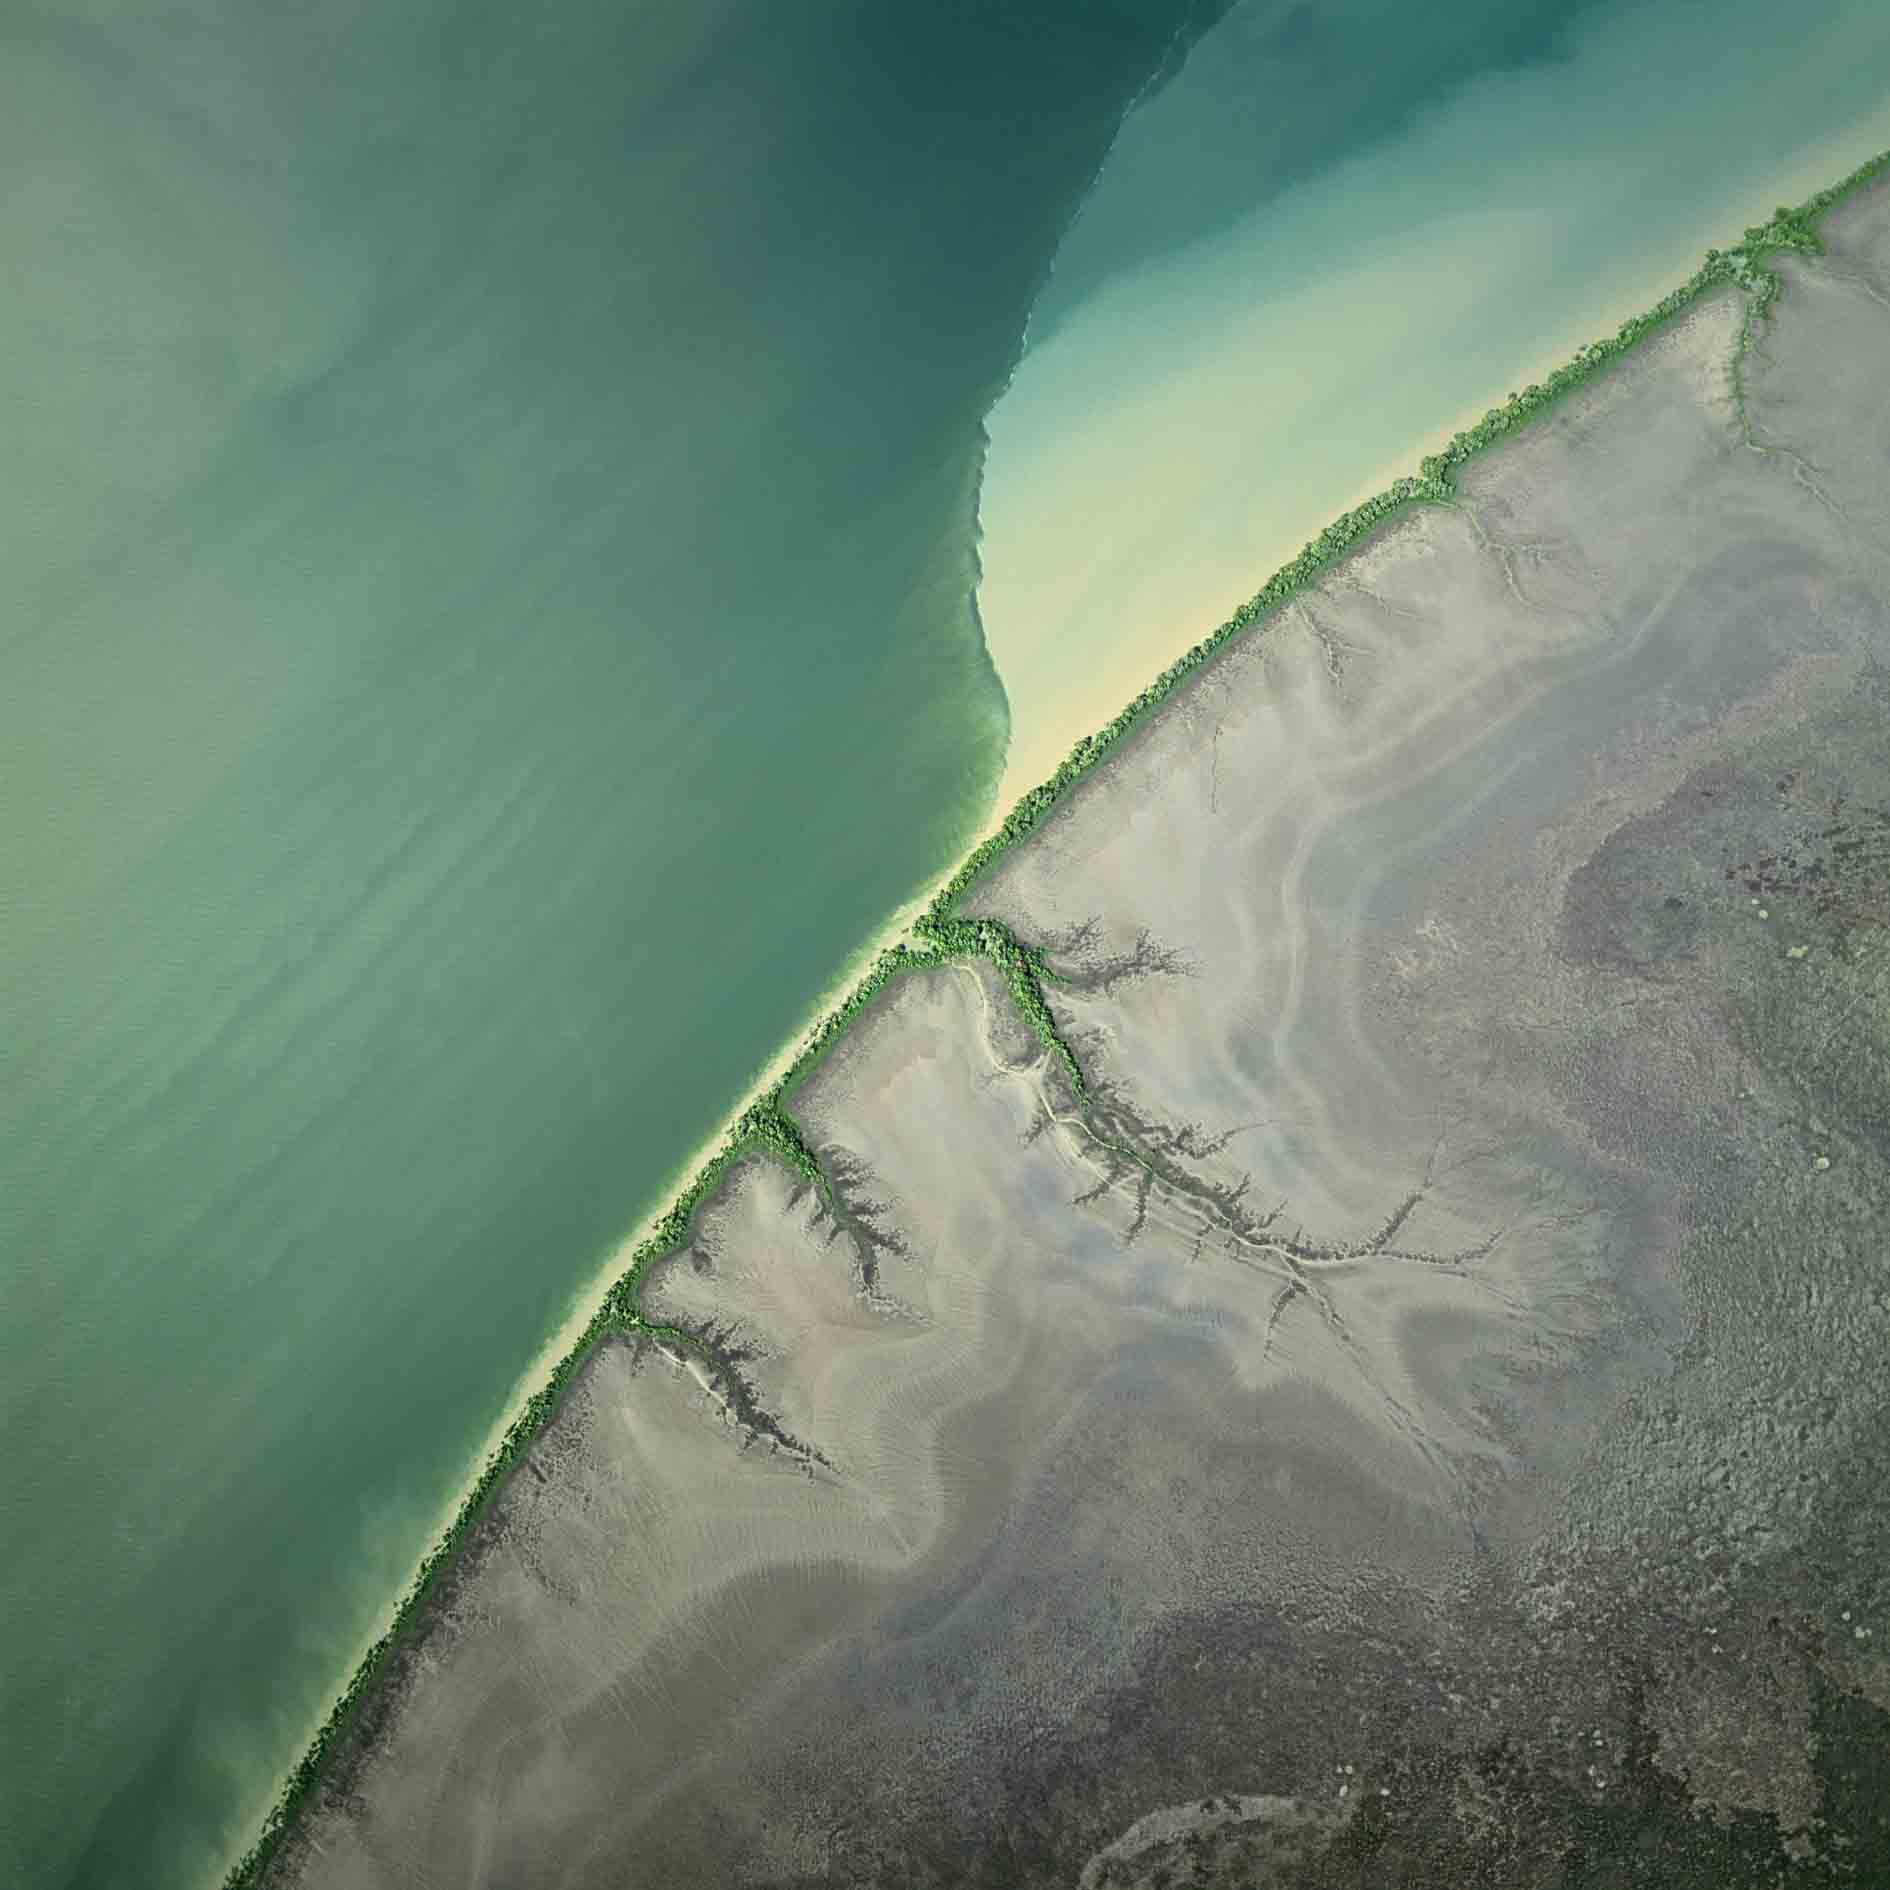 Bernhard Edmaier: Erde - abstrakt und wunderschön